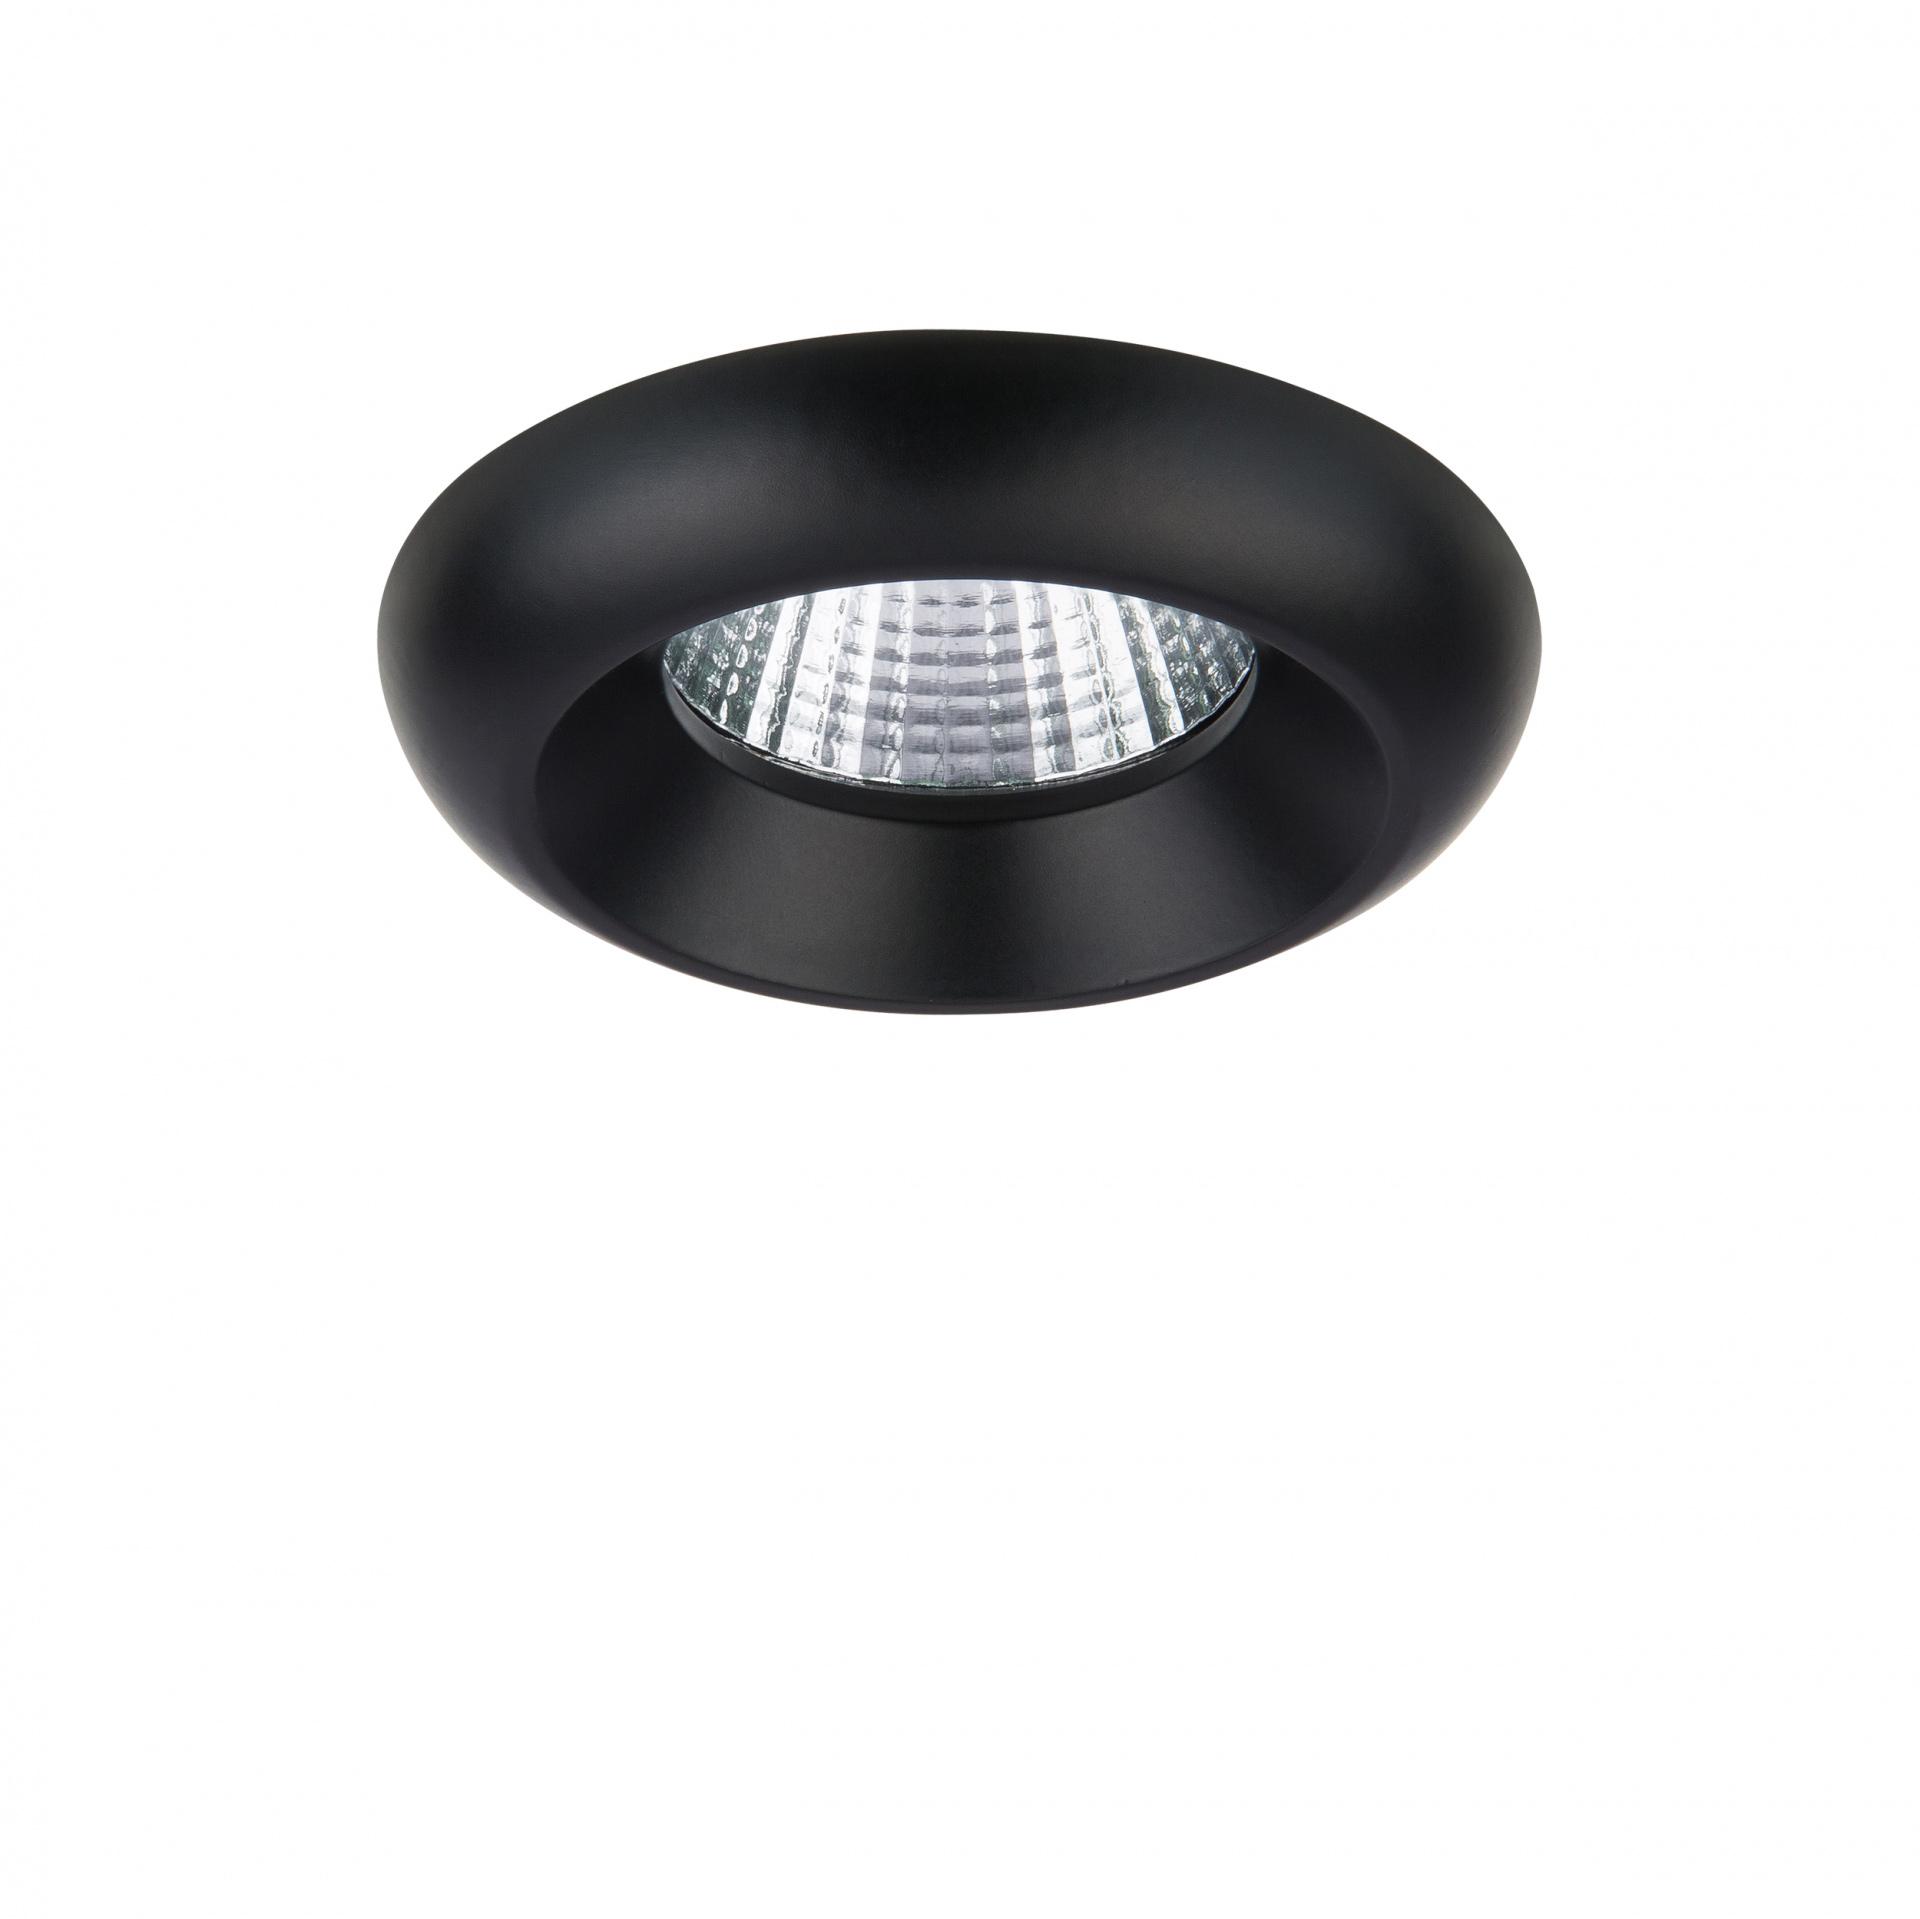 Светильник Monde LED 7W 560LM 50G черный 4000K Lightstar 071177, купить в СПб, Москве, с доставкой, Санкт-Петербург, интернет-магазин люстр и светильников Starlight, фото в жизни